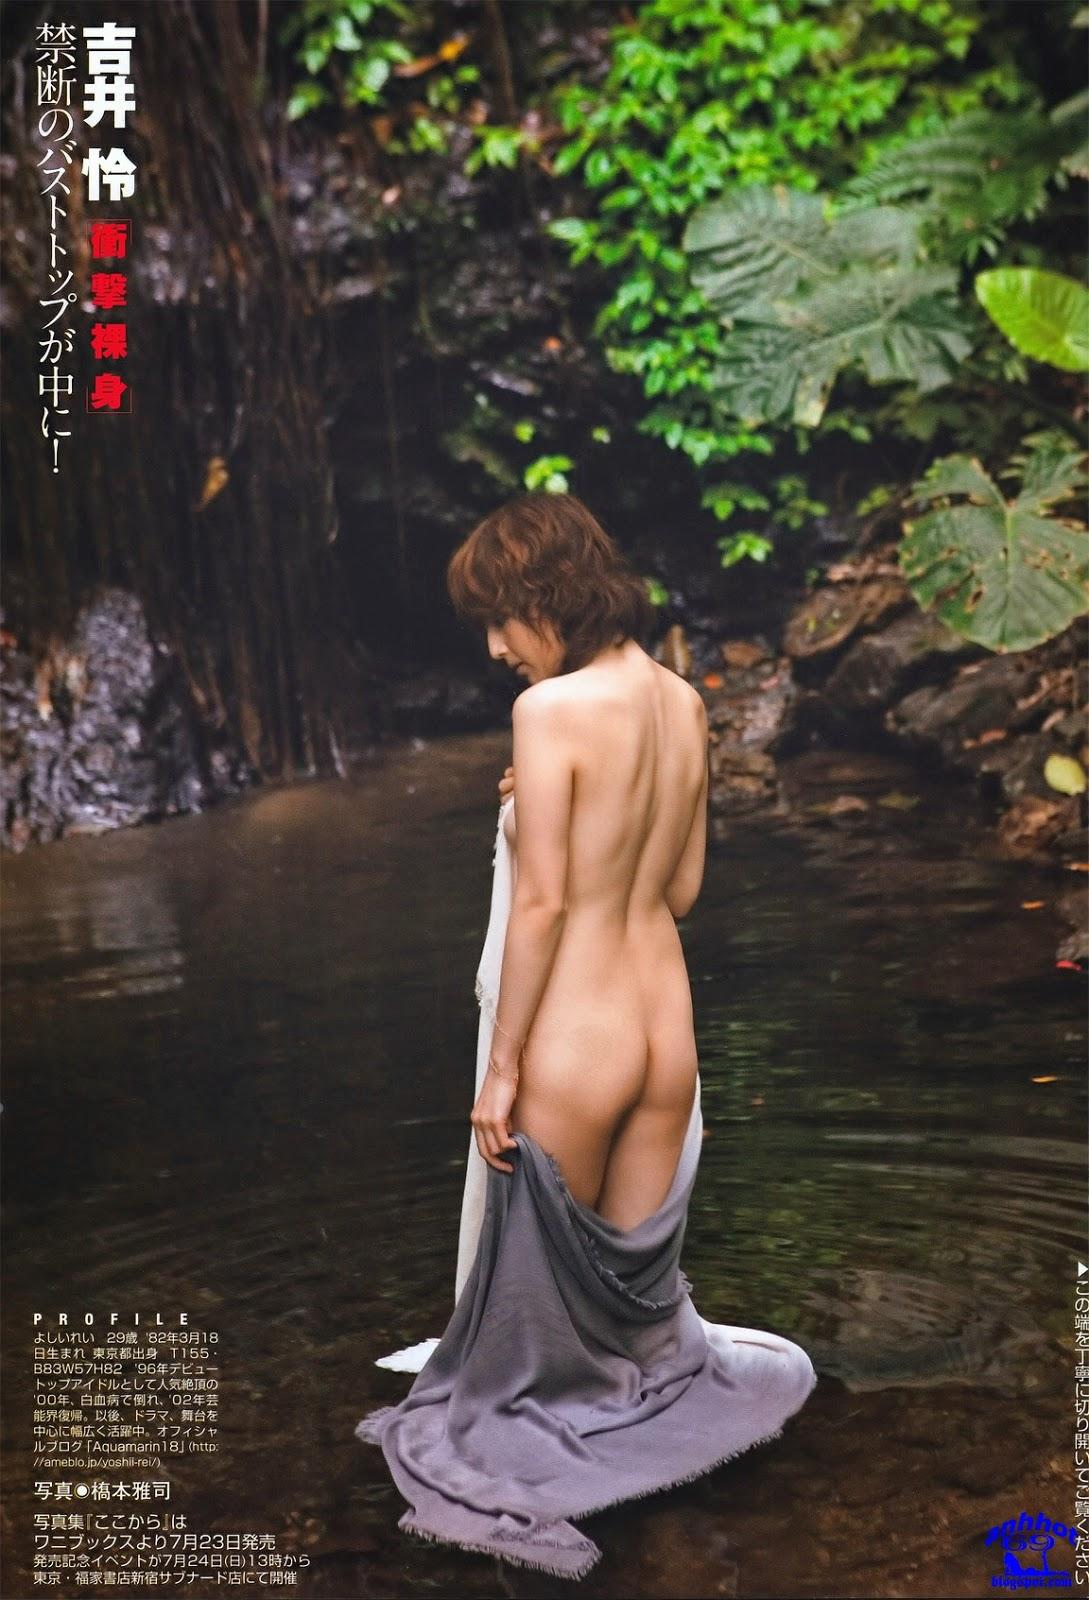 rei-yoshii-01291007